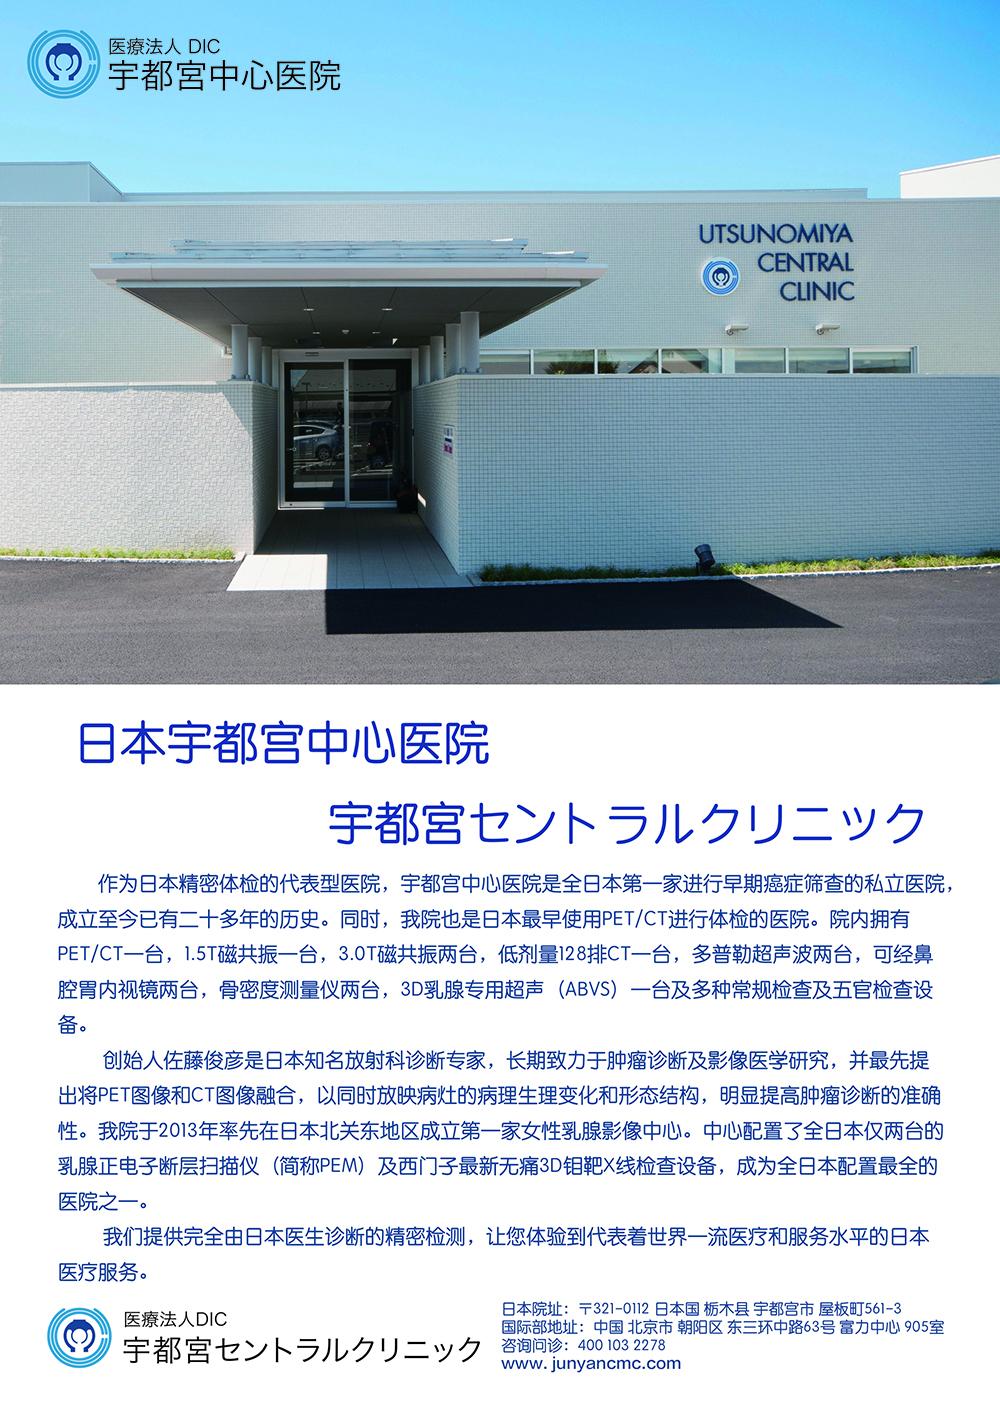 宇都医院介绍页面1.jpg